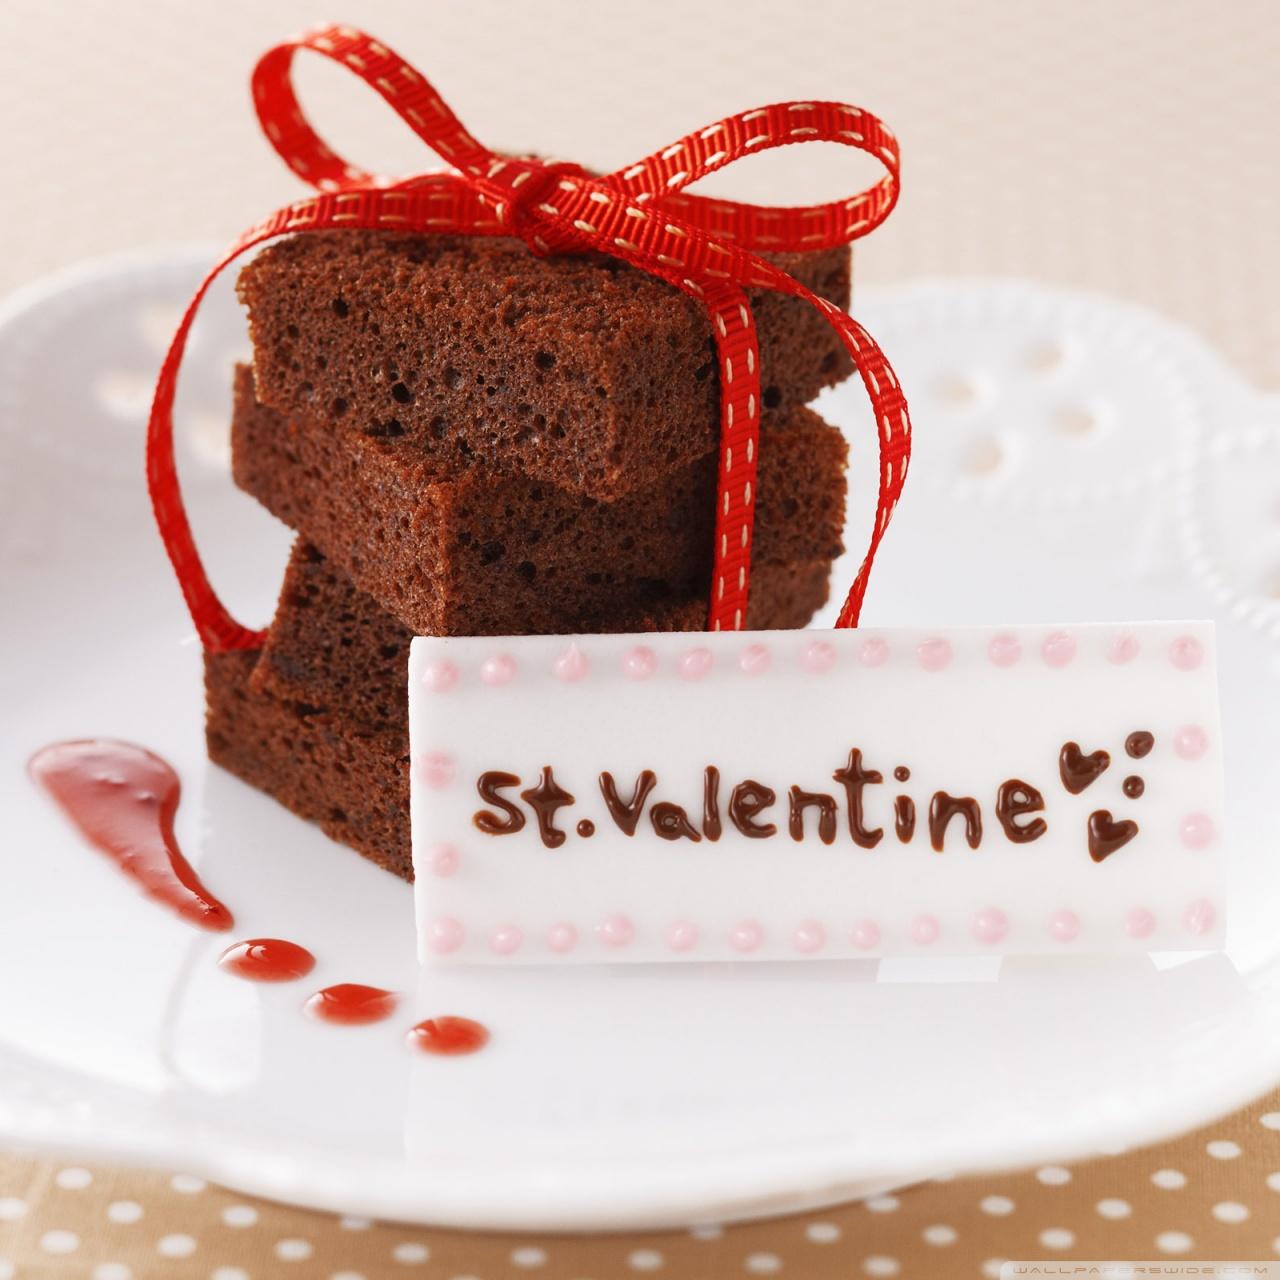 st valentine cake ❤ 4k hd desktop wallpaper for • tablet